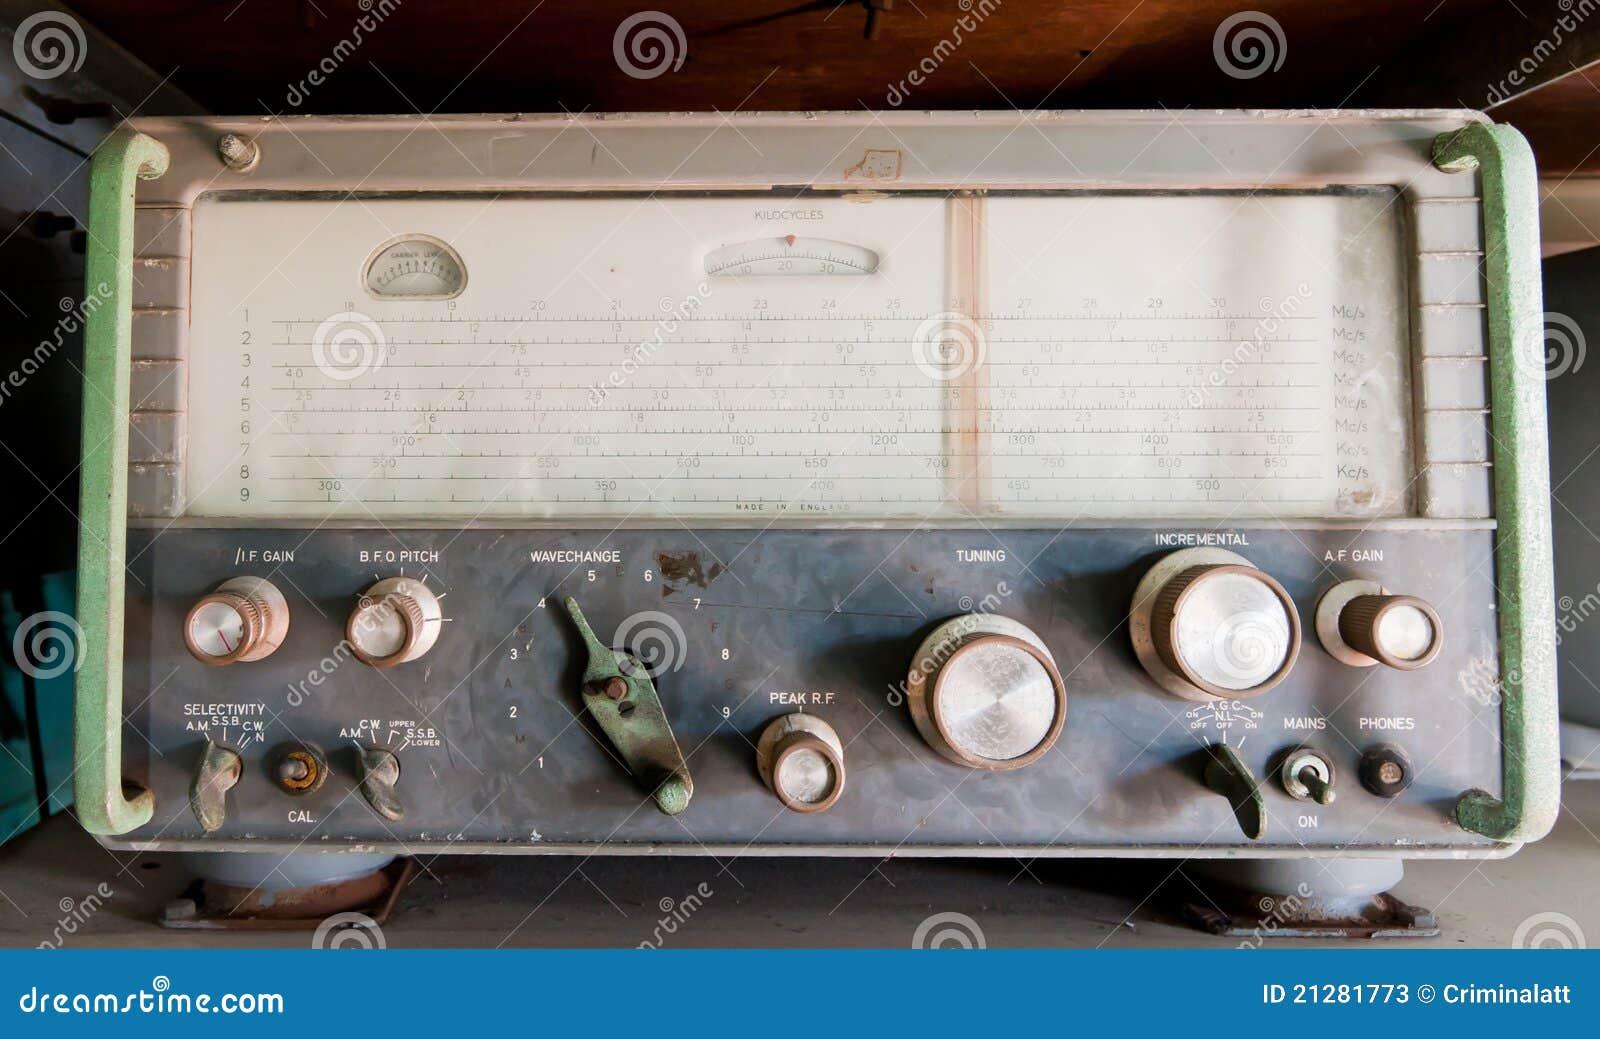 Vintage Military Radios 8